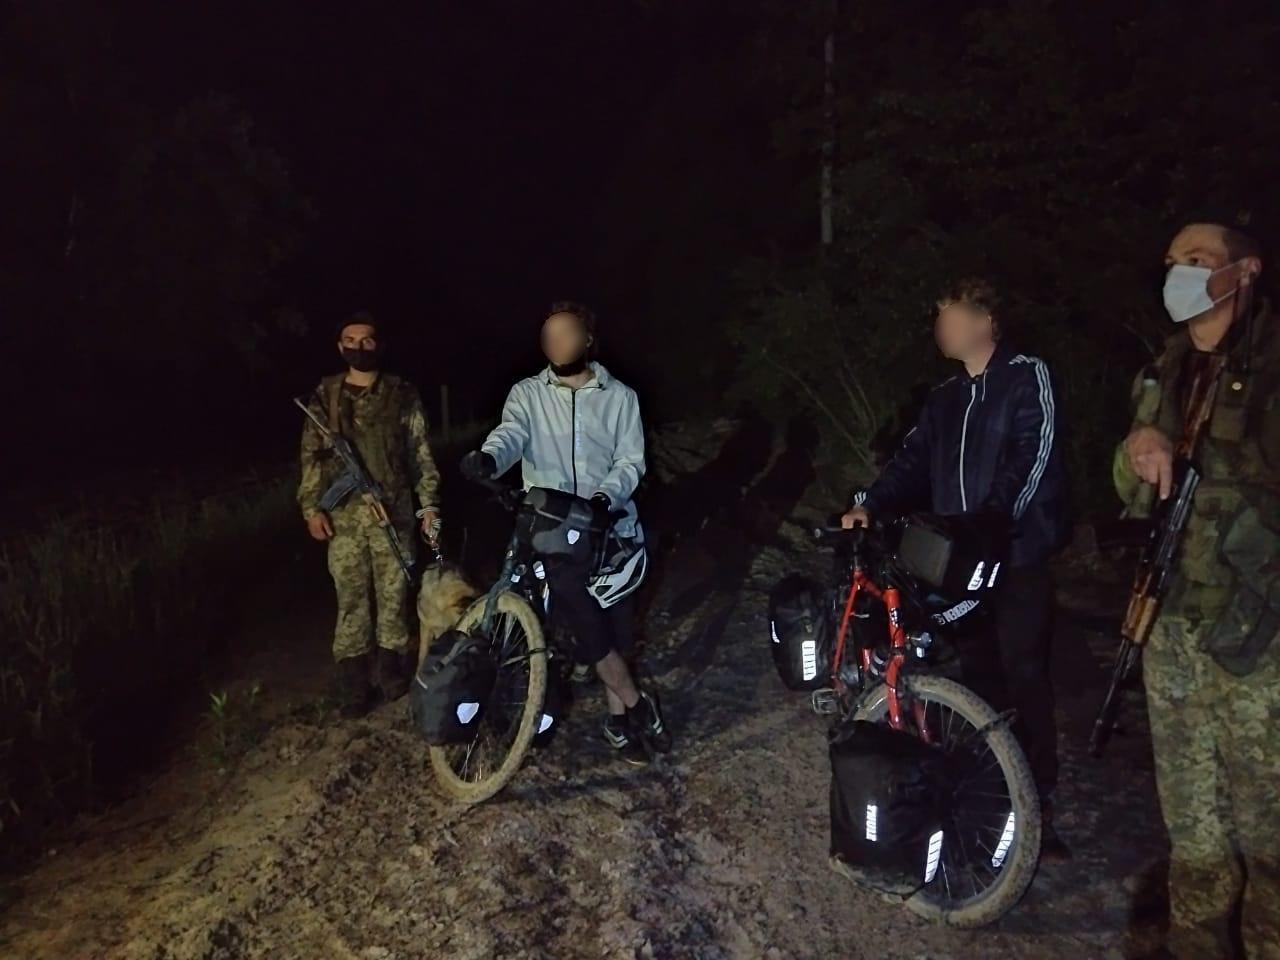 Двоє німців на велосипедах перетнули кордон України